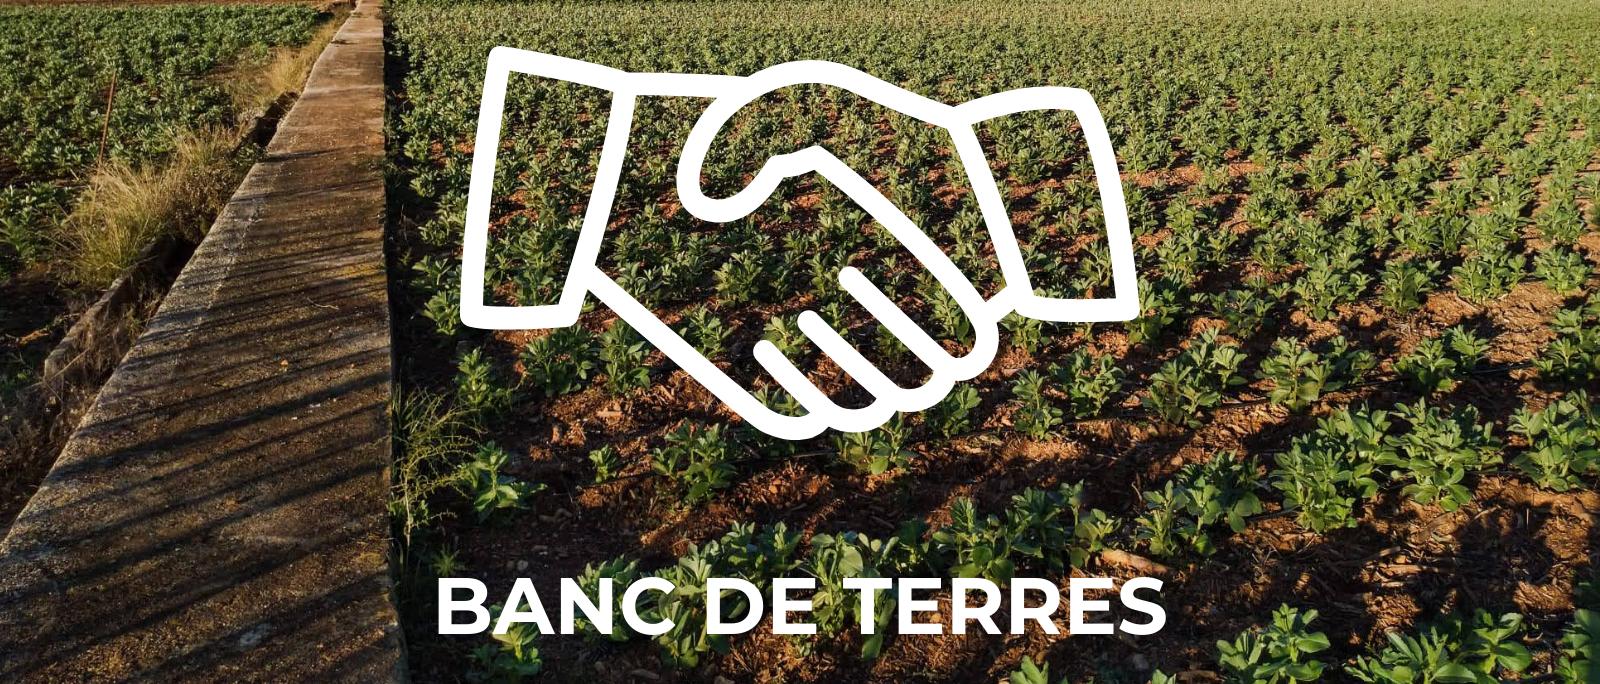 Projecte Banc de Terres